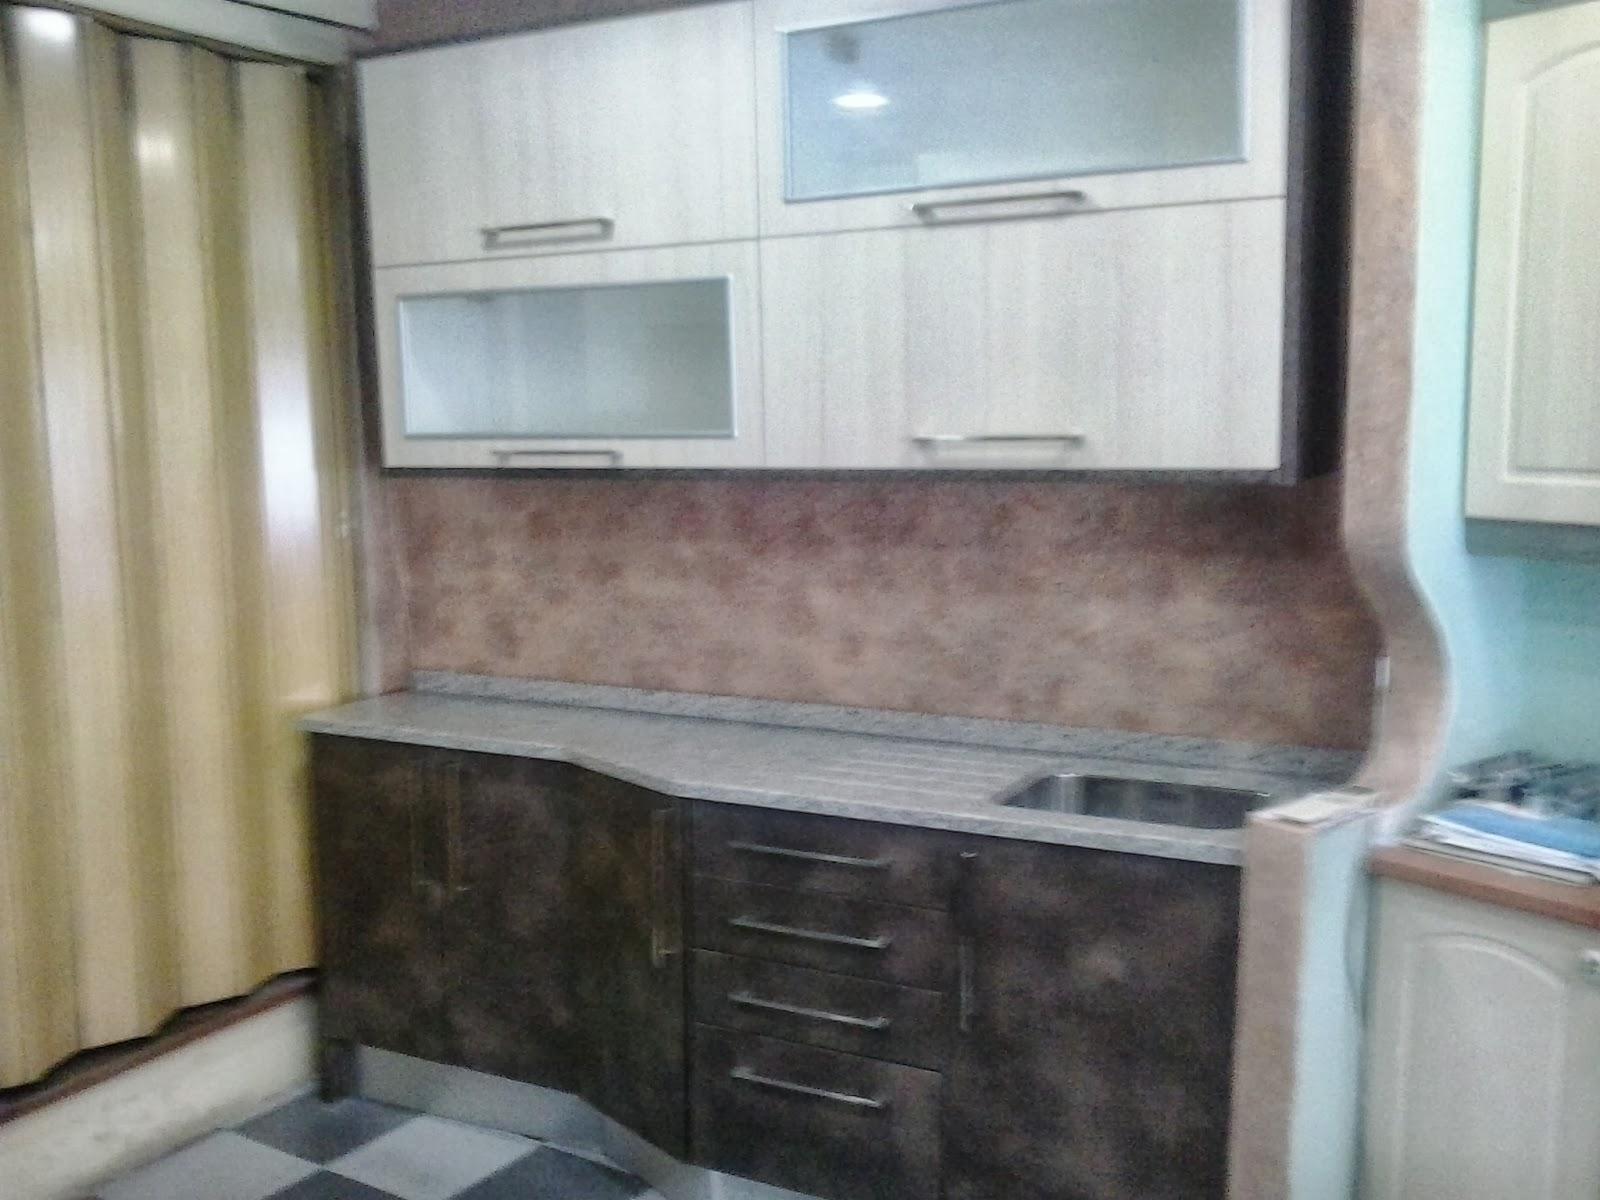 Exposicion laminado 22 mm juno sega cuero sega encimera - Muebles de cocina sueltos ...